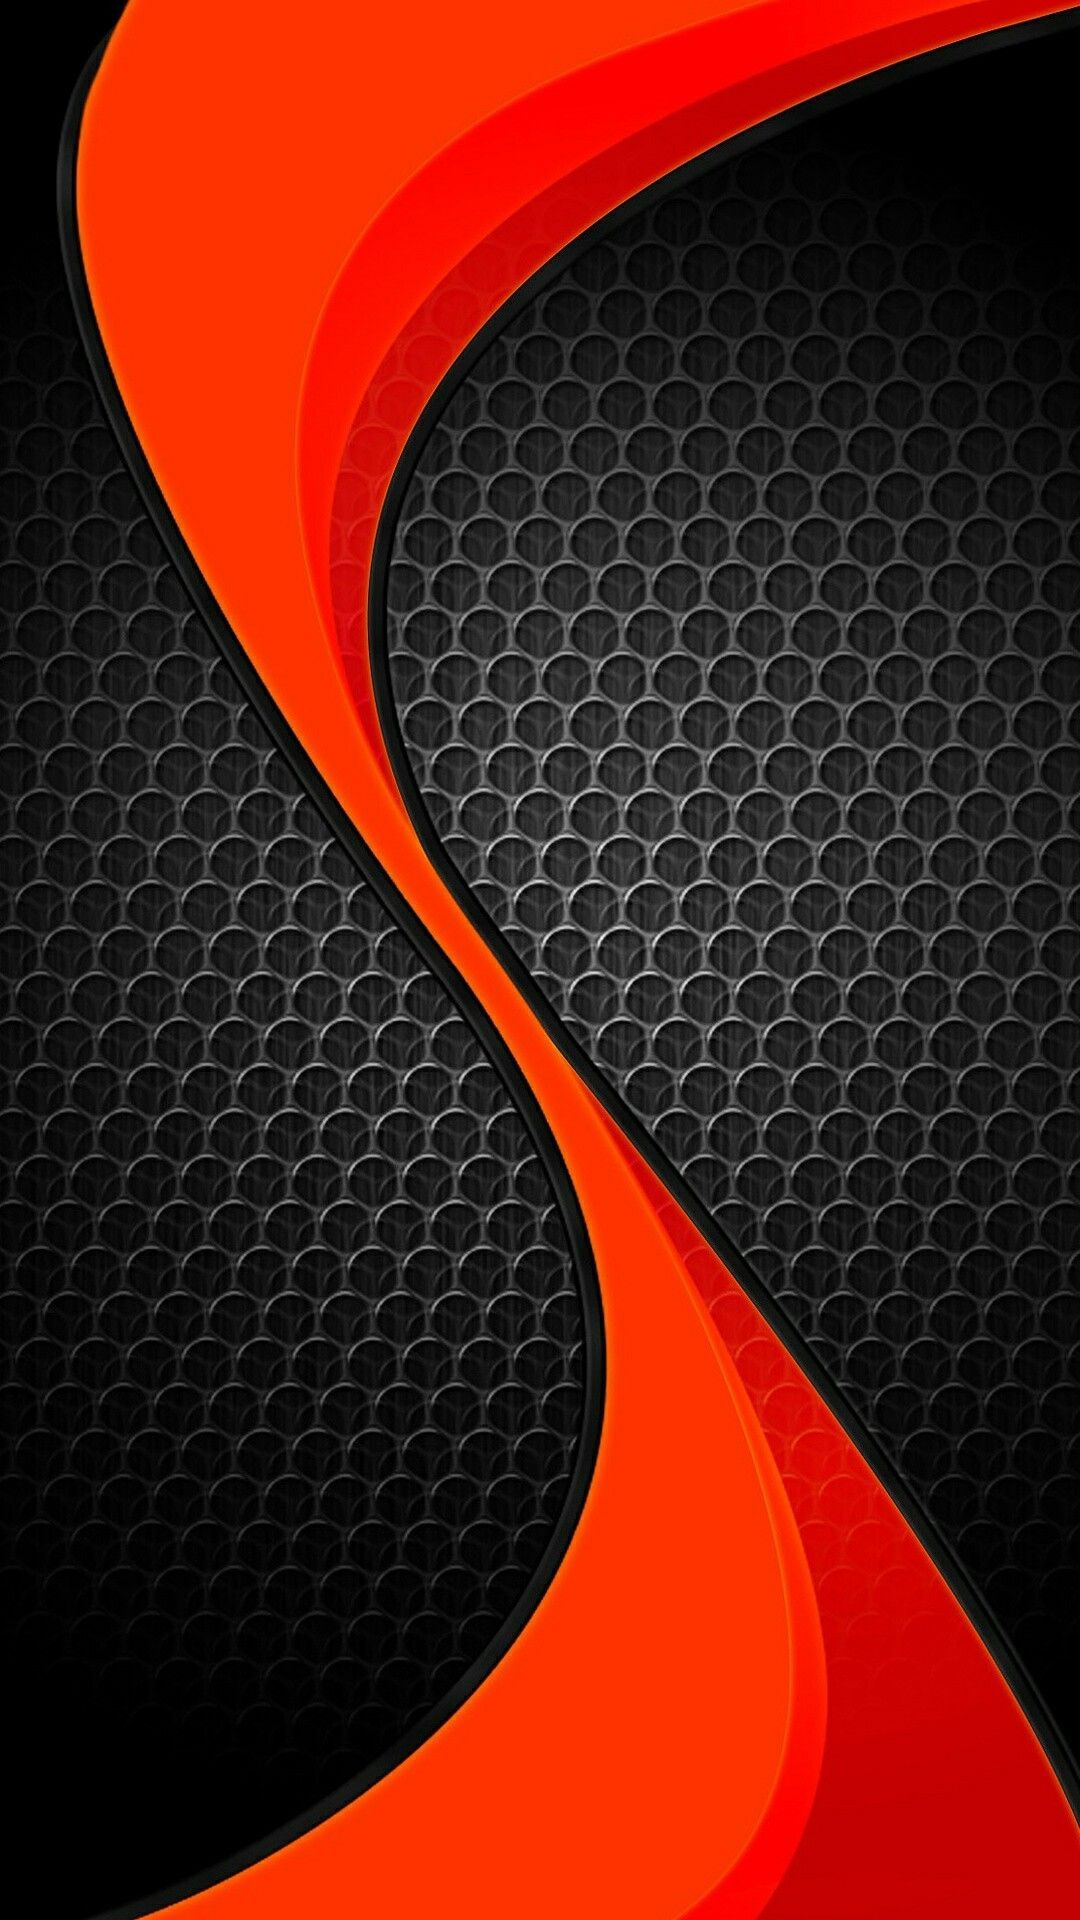 Background Orange Abstrak Hd : background, orange, abstrak, Orange, Abstract, Wallpapers, Backgrounds, WallpaperAccess